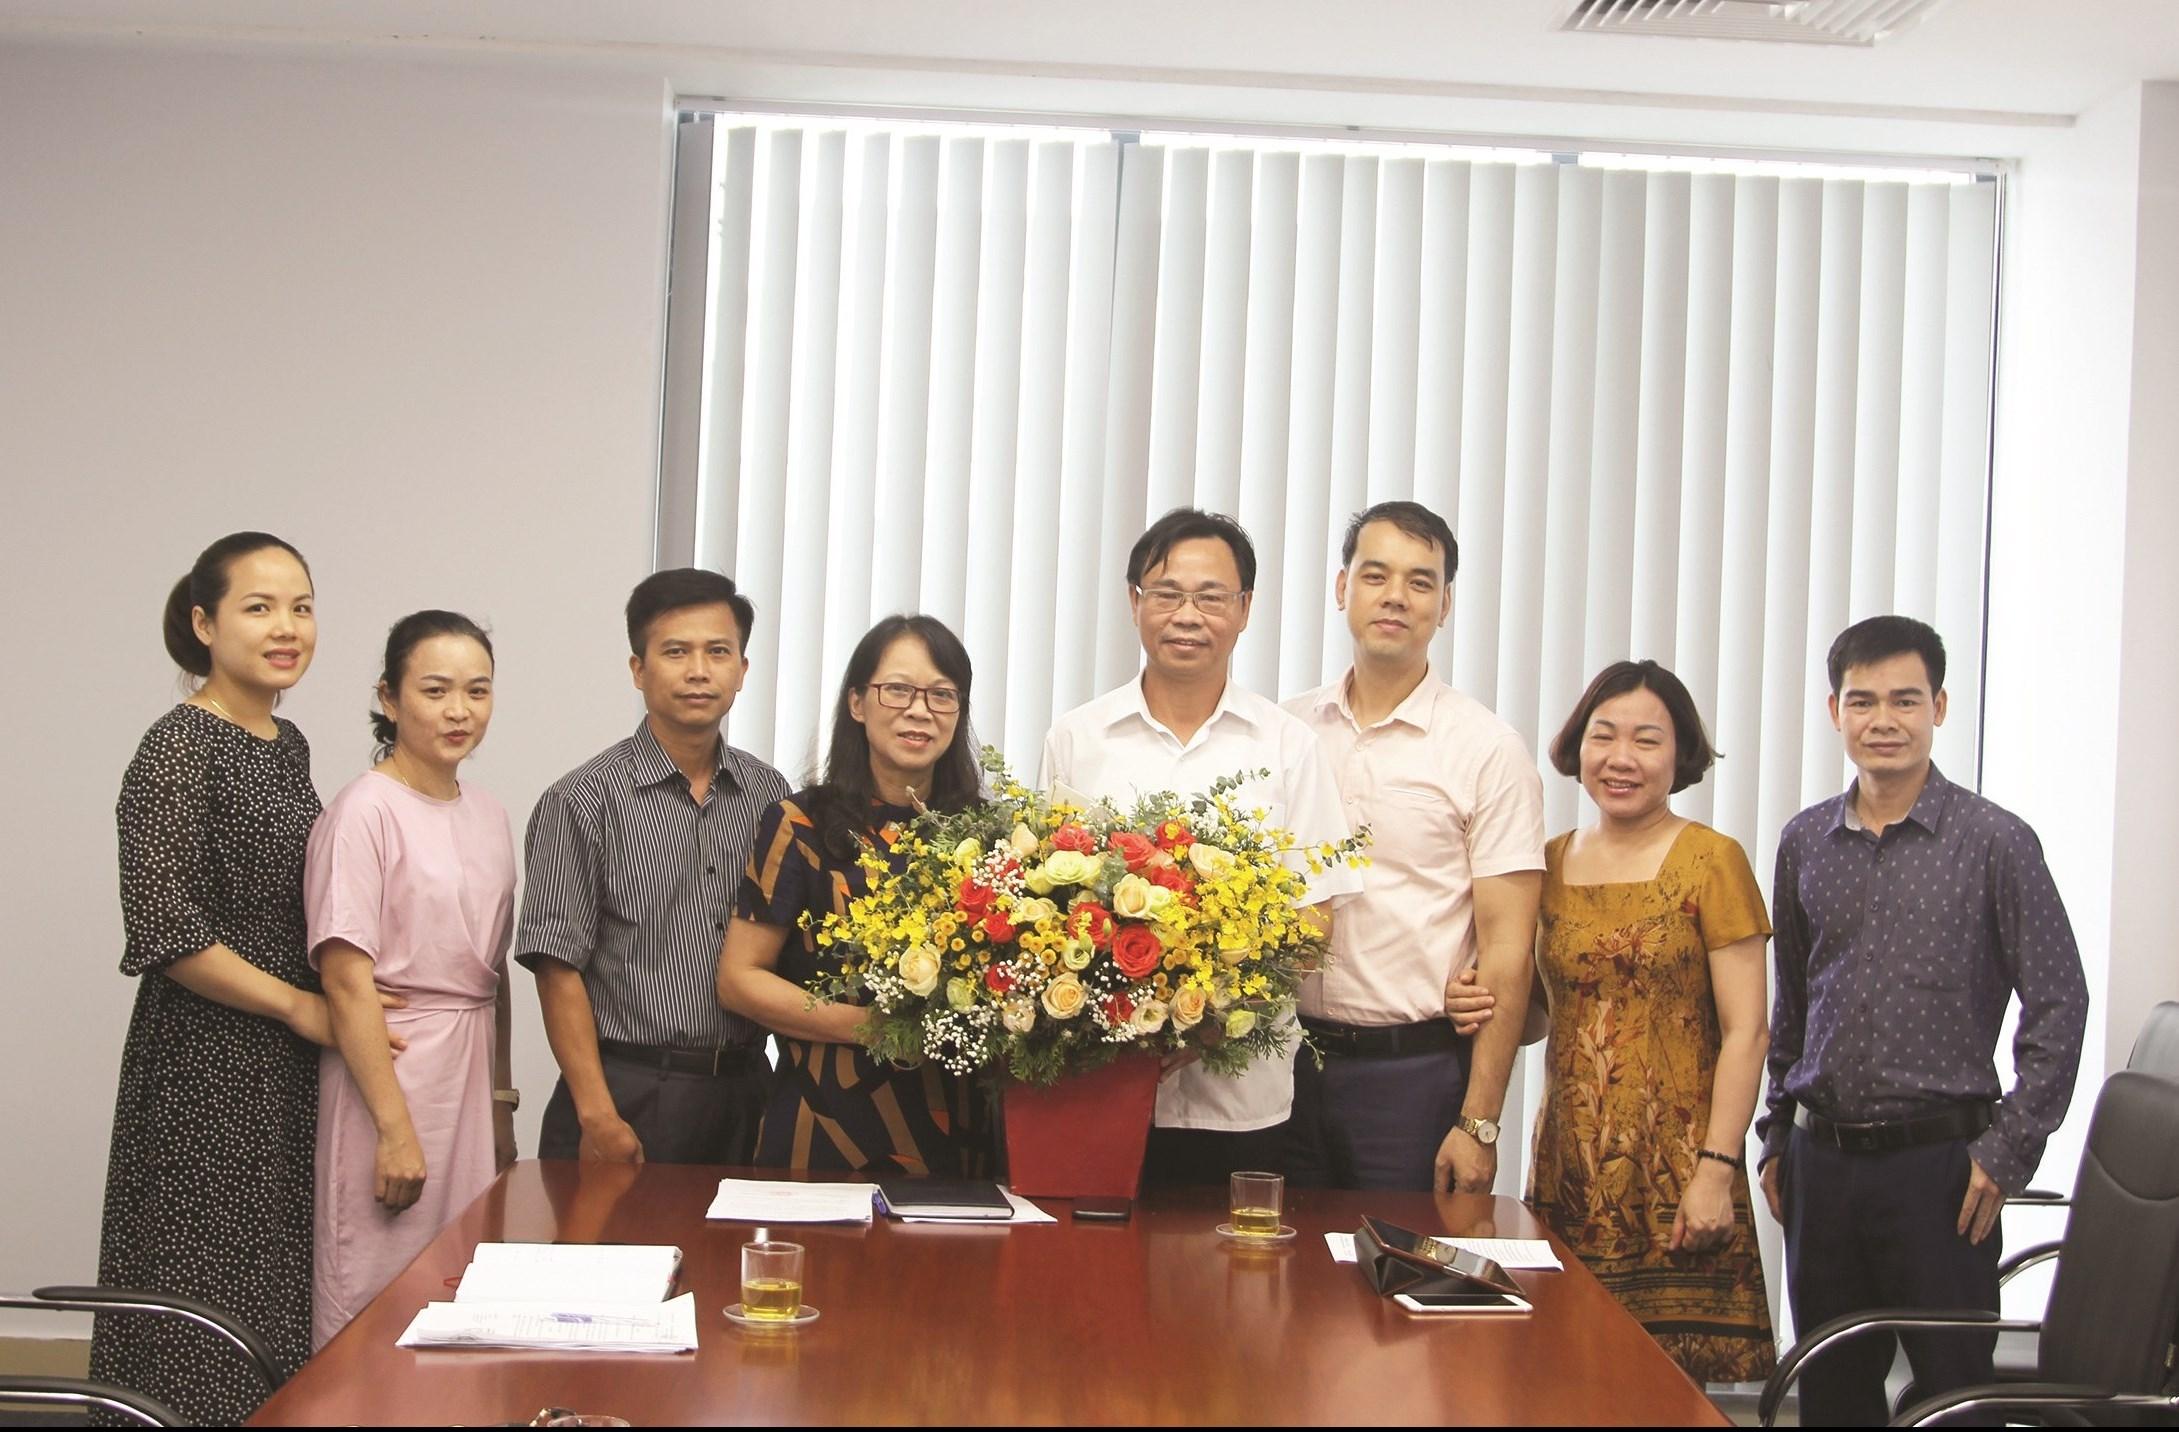 Thứ trưởng, Phó Chủ nhiệm UBDT Hoàng Thị Hạnh tặng hoa chúc mừng ông Lưu Xuân Thủy - Tân Vụ trưởng Vụ DTTS